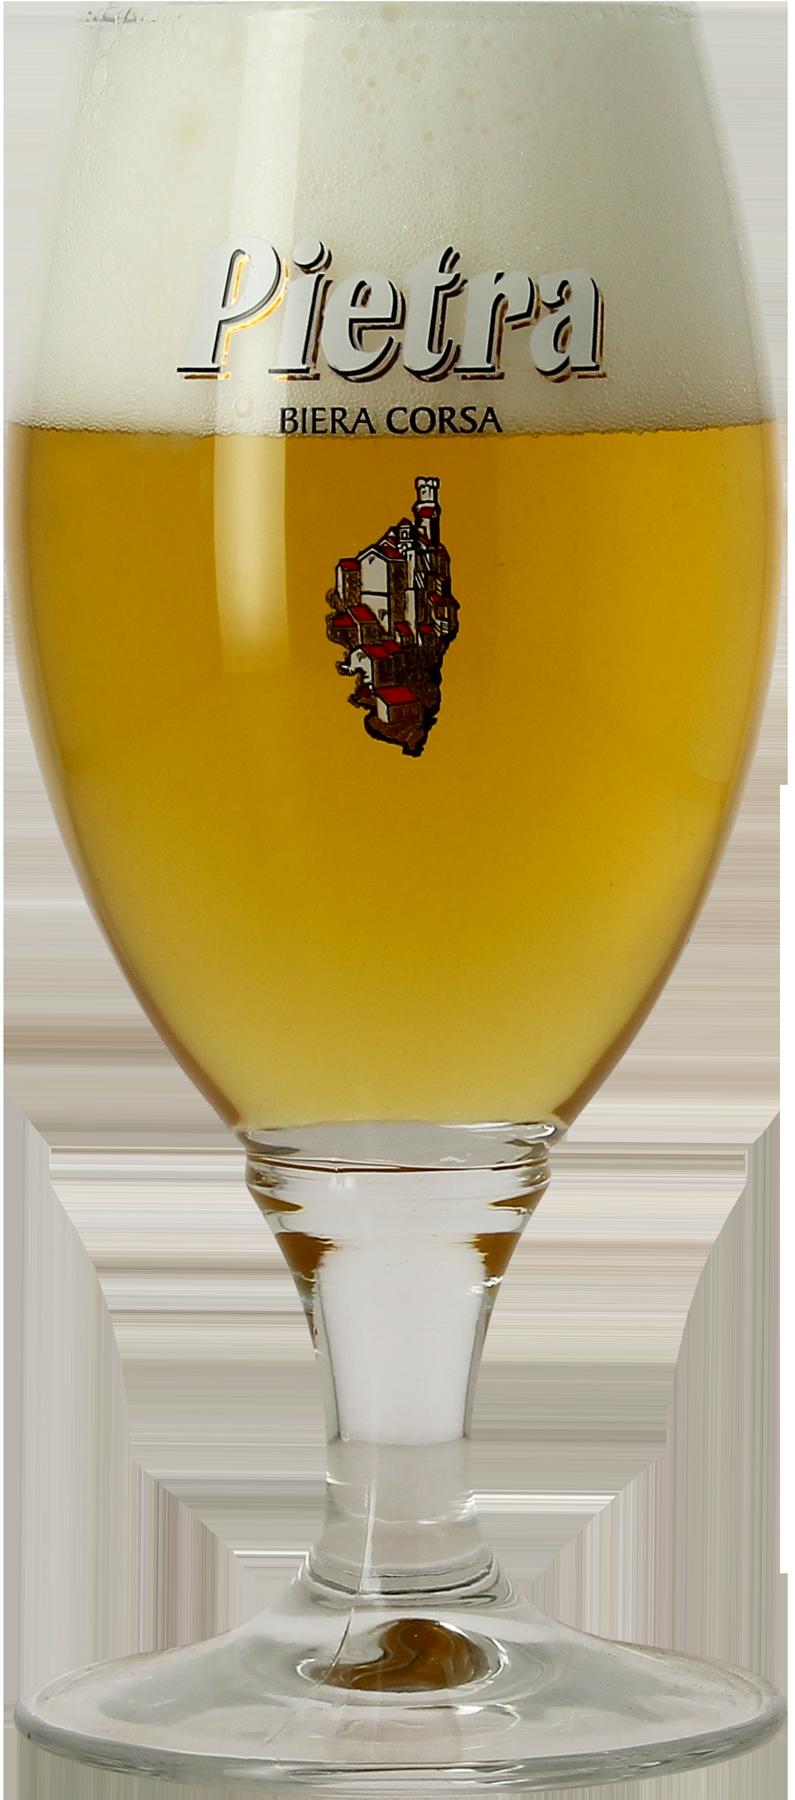 Pietra vaso de cerveza - 33 cl